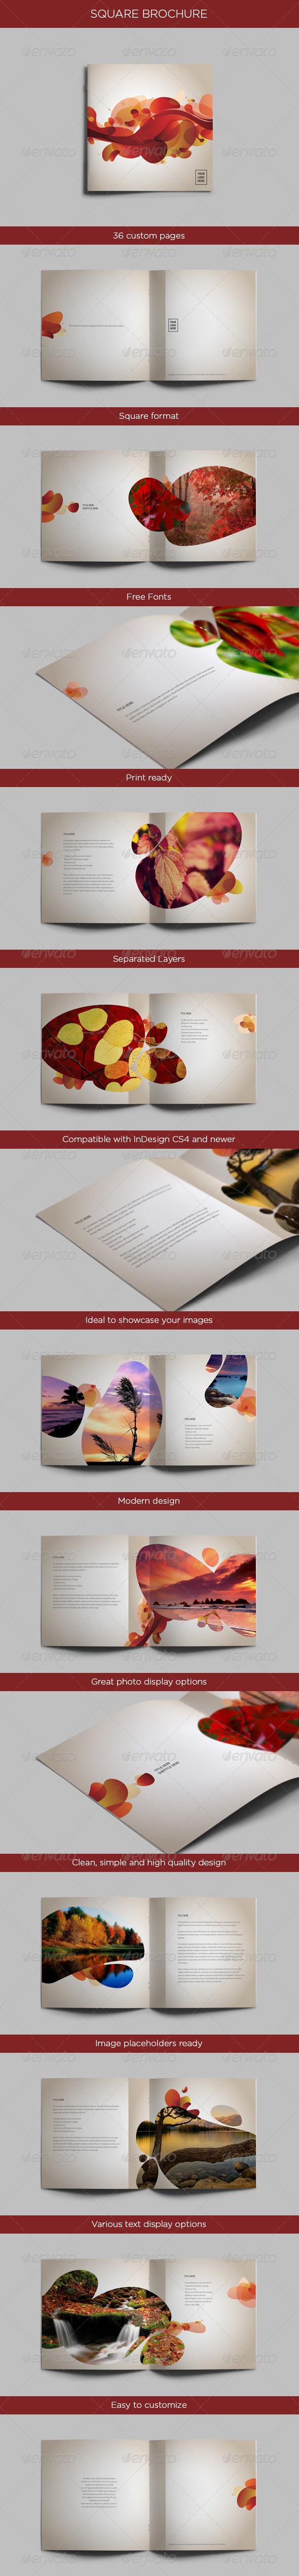 GraphicRiver Square Brochure 4628780